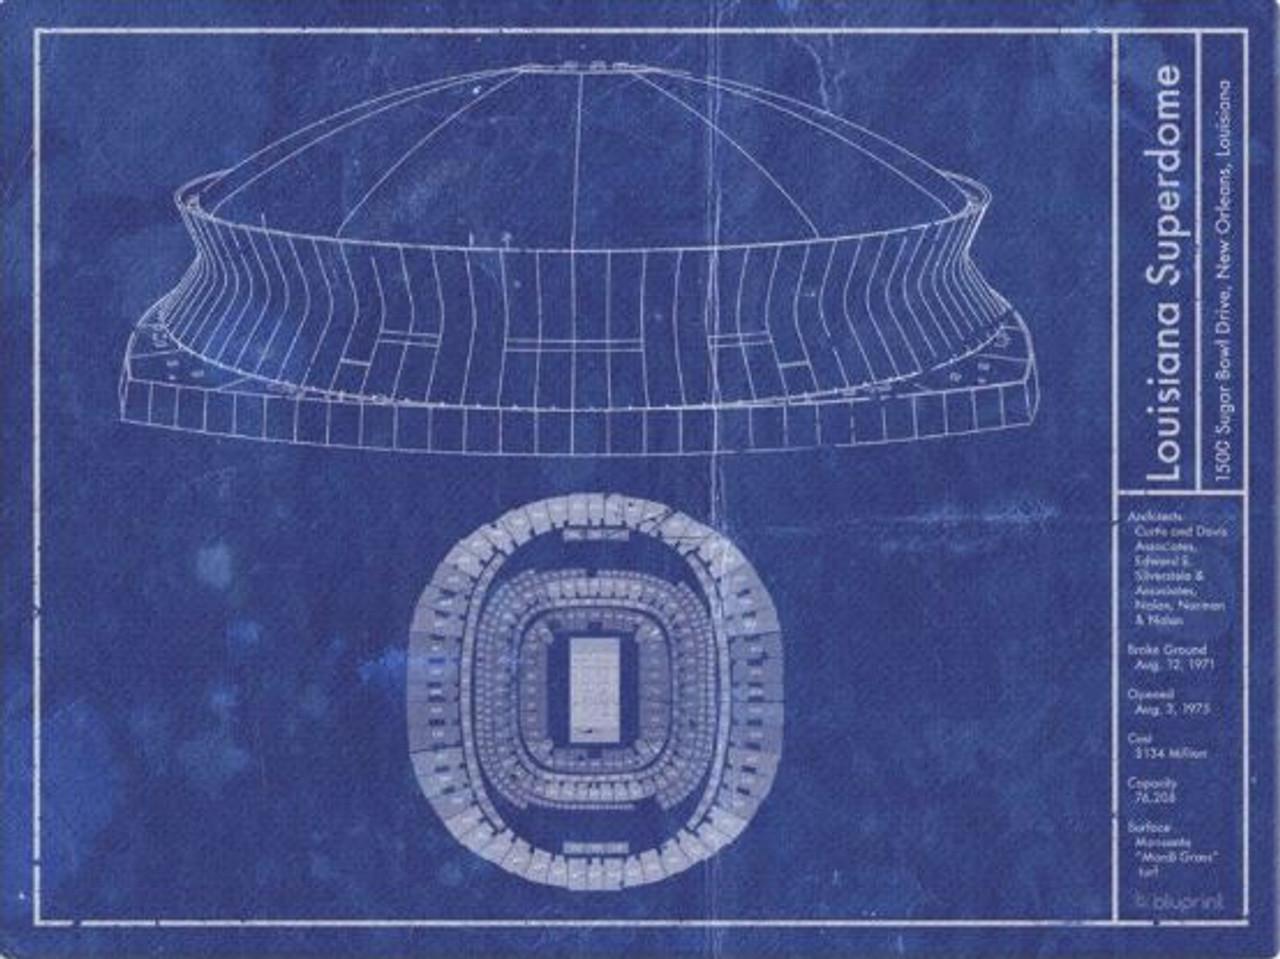 Superdome - New Orleans Saints Blueprint Poster